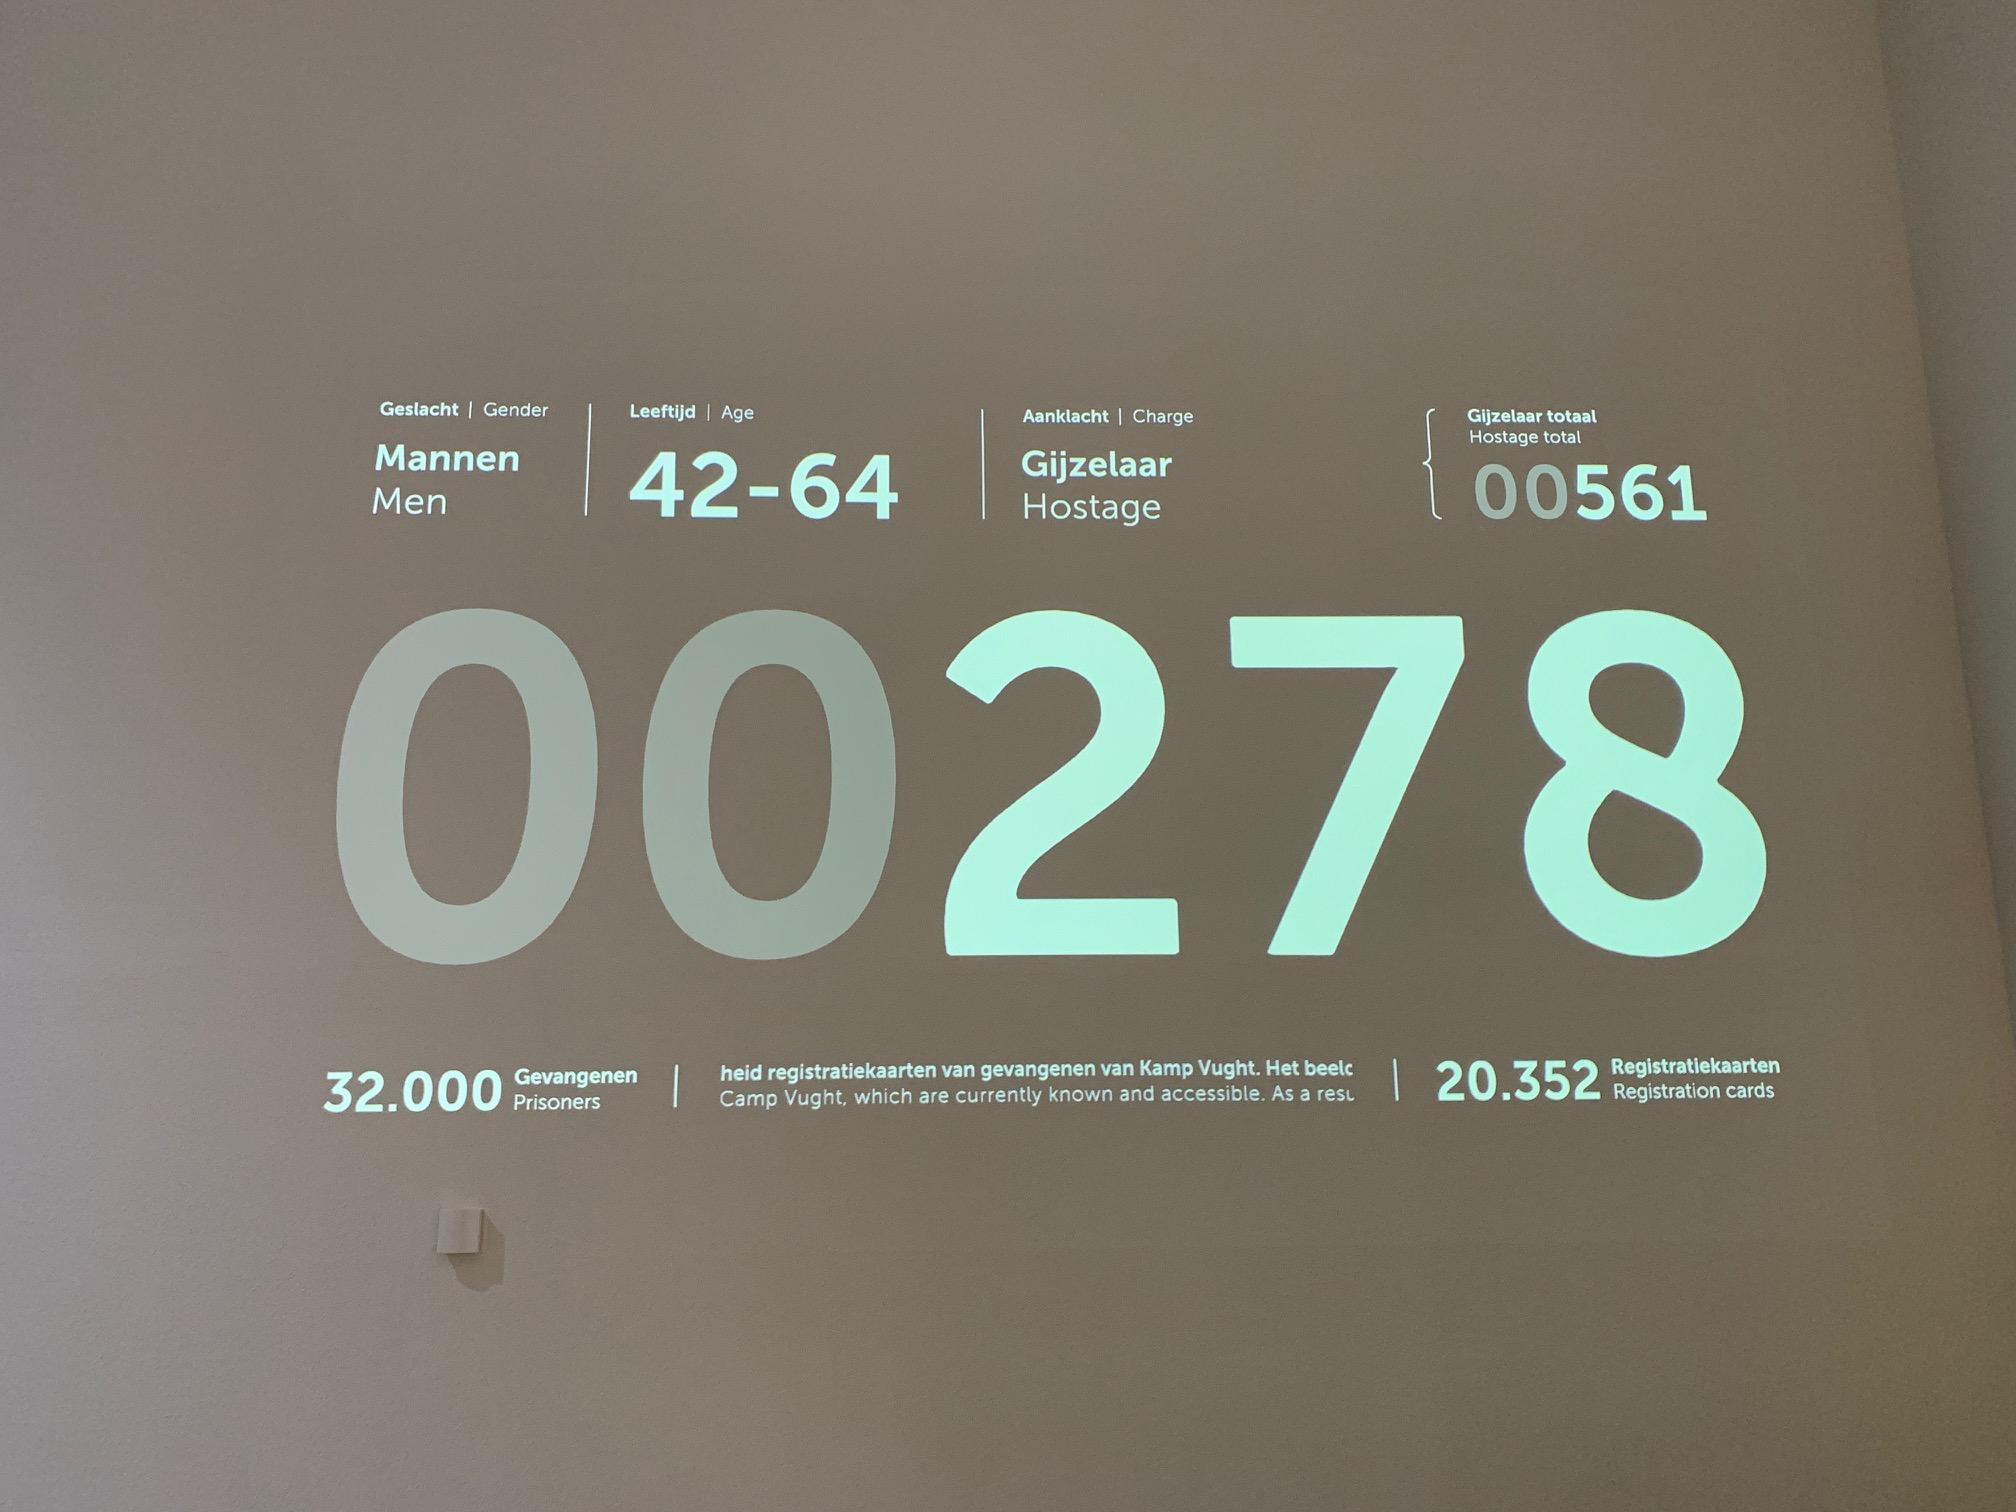 Een projectie met verspringende getallen geeft een beeld van wie er allemaal in Kamp Vught heeft vastgezeten.